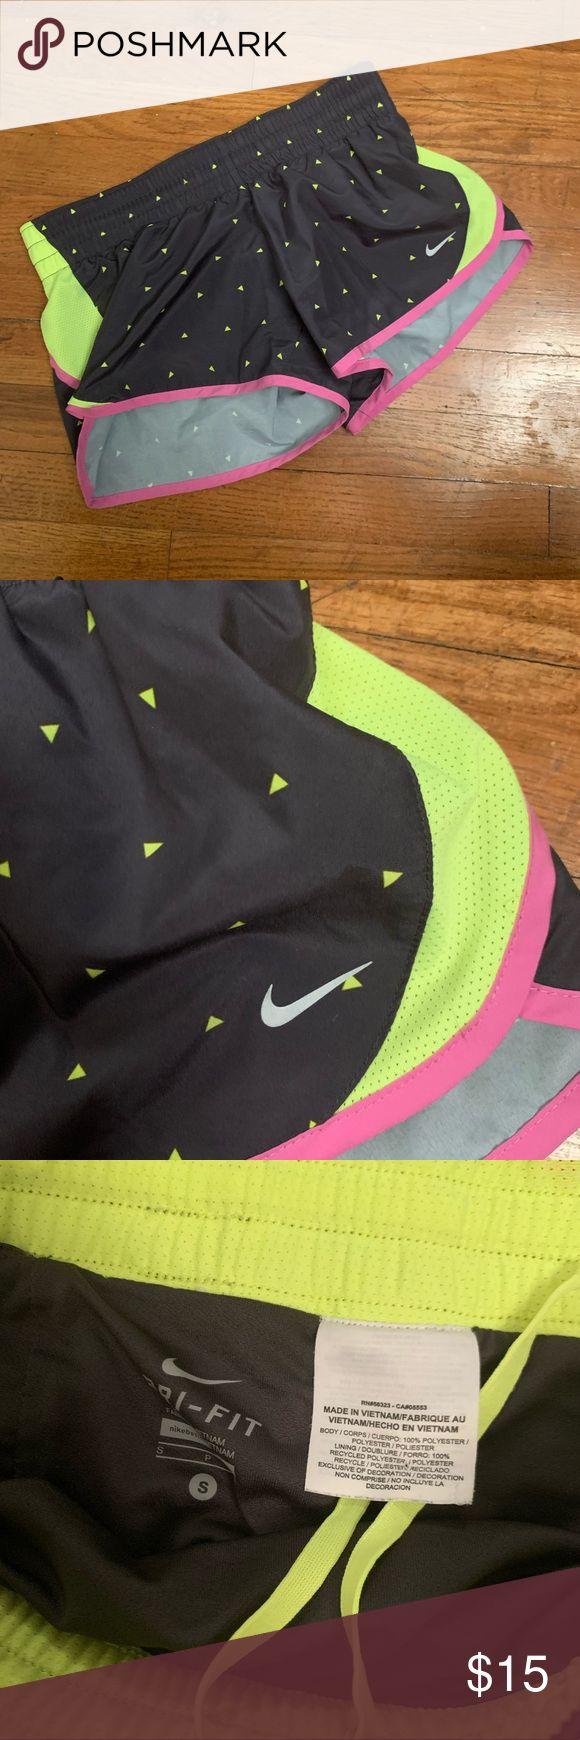 Nike Shorts Nur ein paar Mal getragen Super süße und einzigartige Nike Shorts   – My Posh Picks